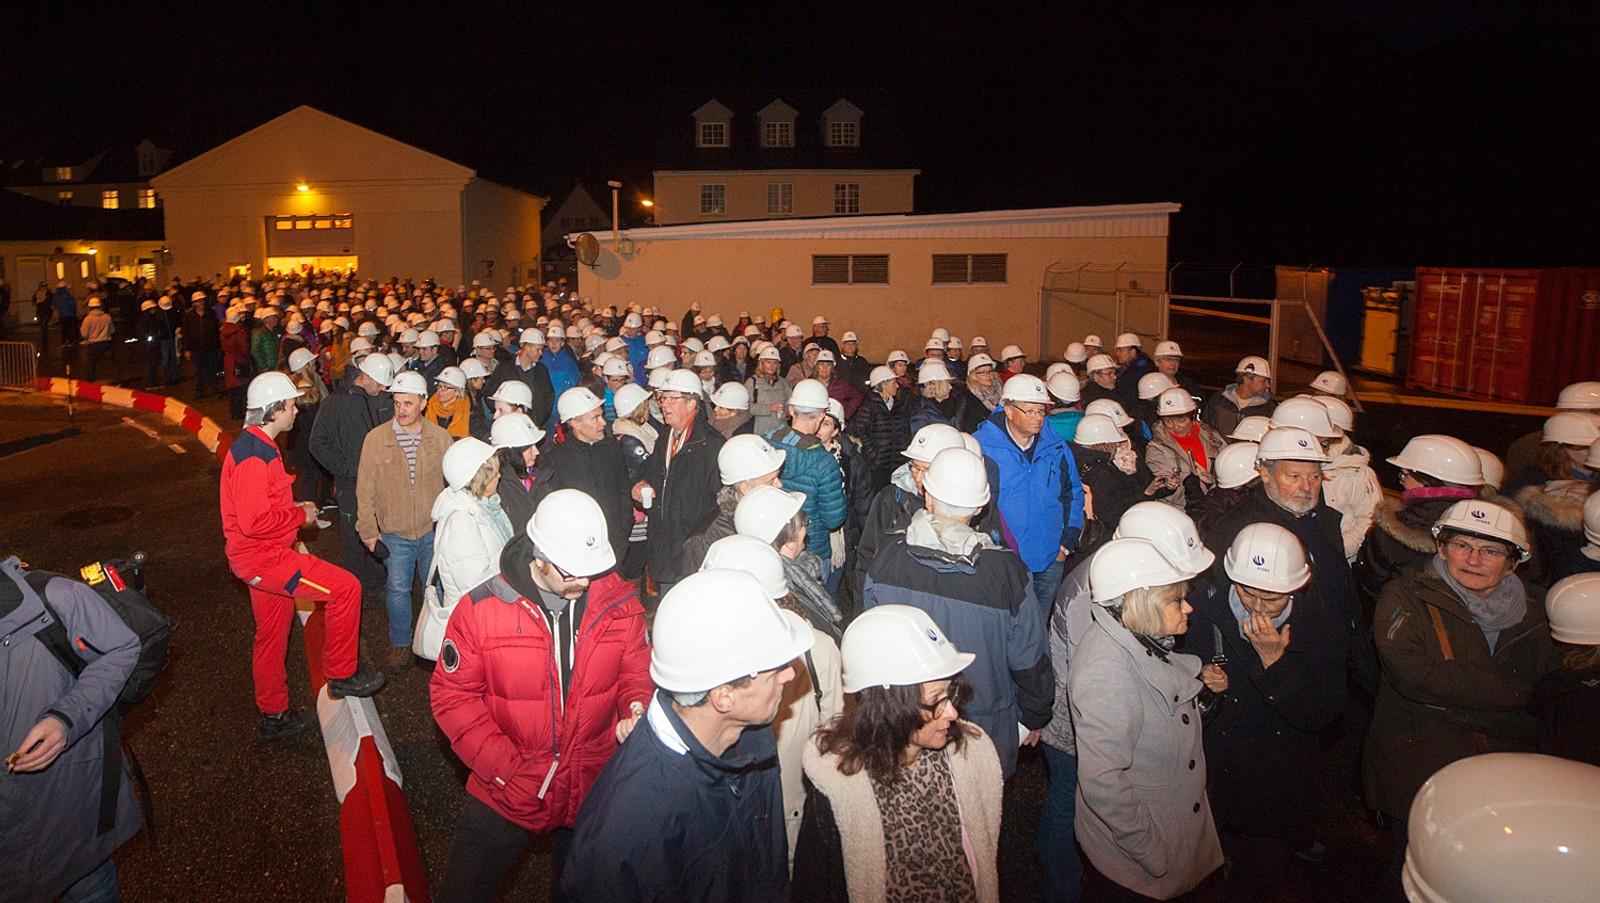 FULLT FABRIKKLOKALE: Folk strauma på til den utselde konserten.